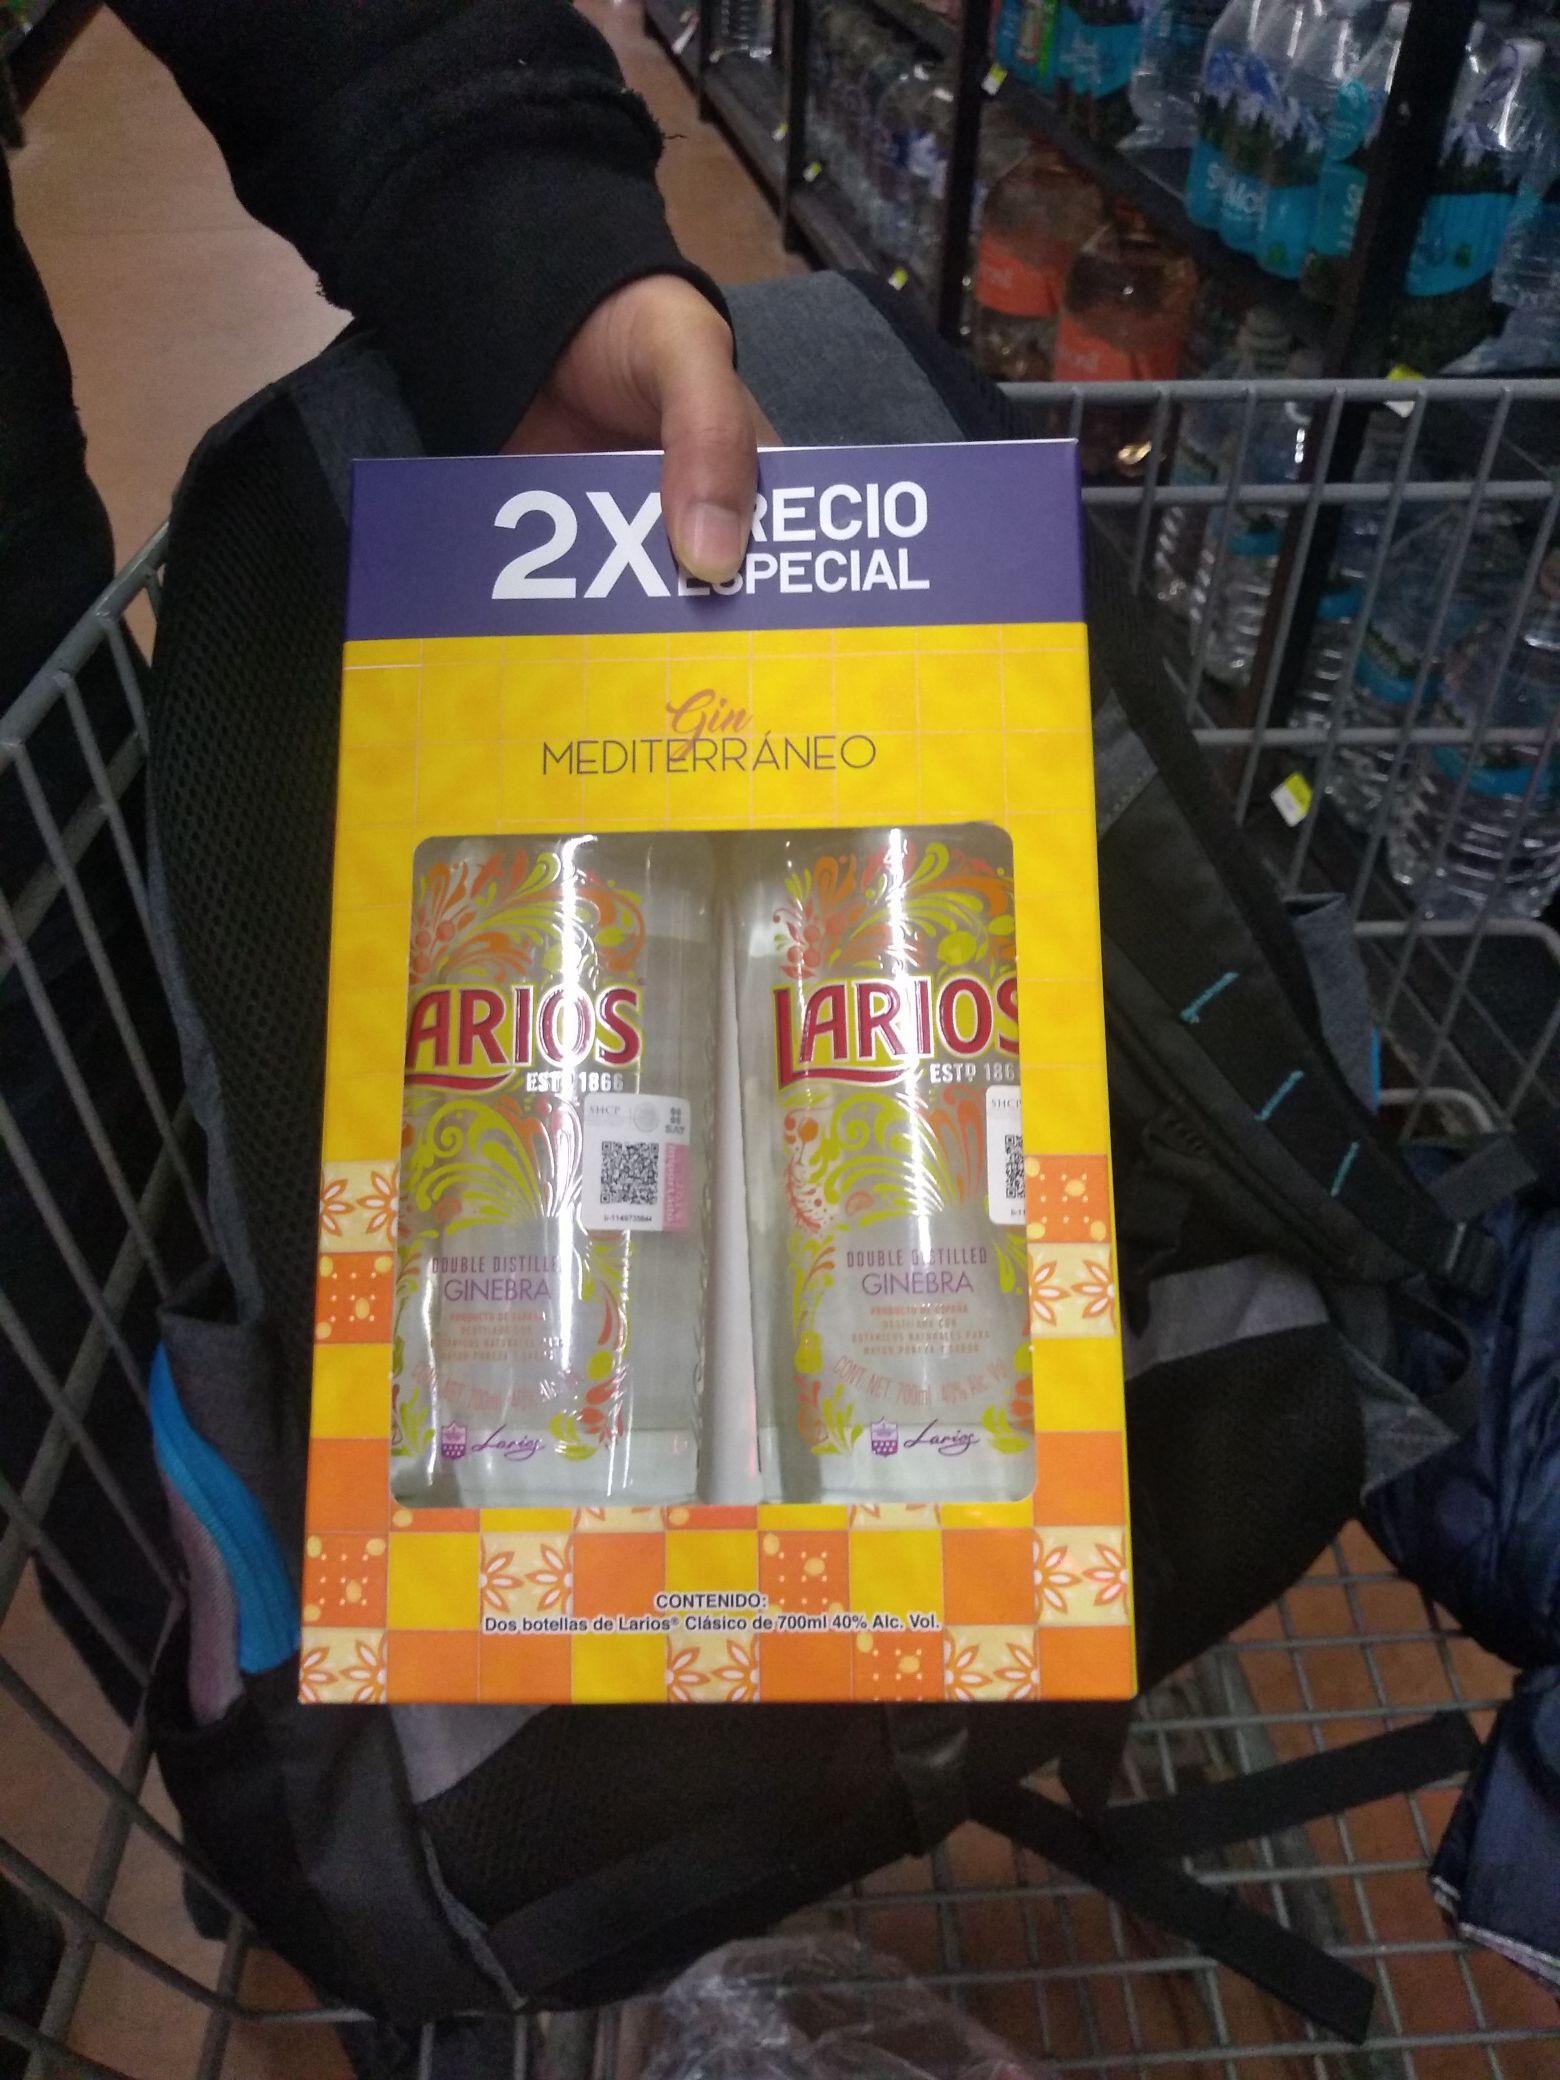 Walmart perinorte: Botellas en liquidacion varias marcas